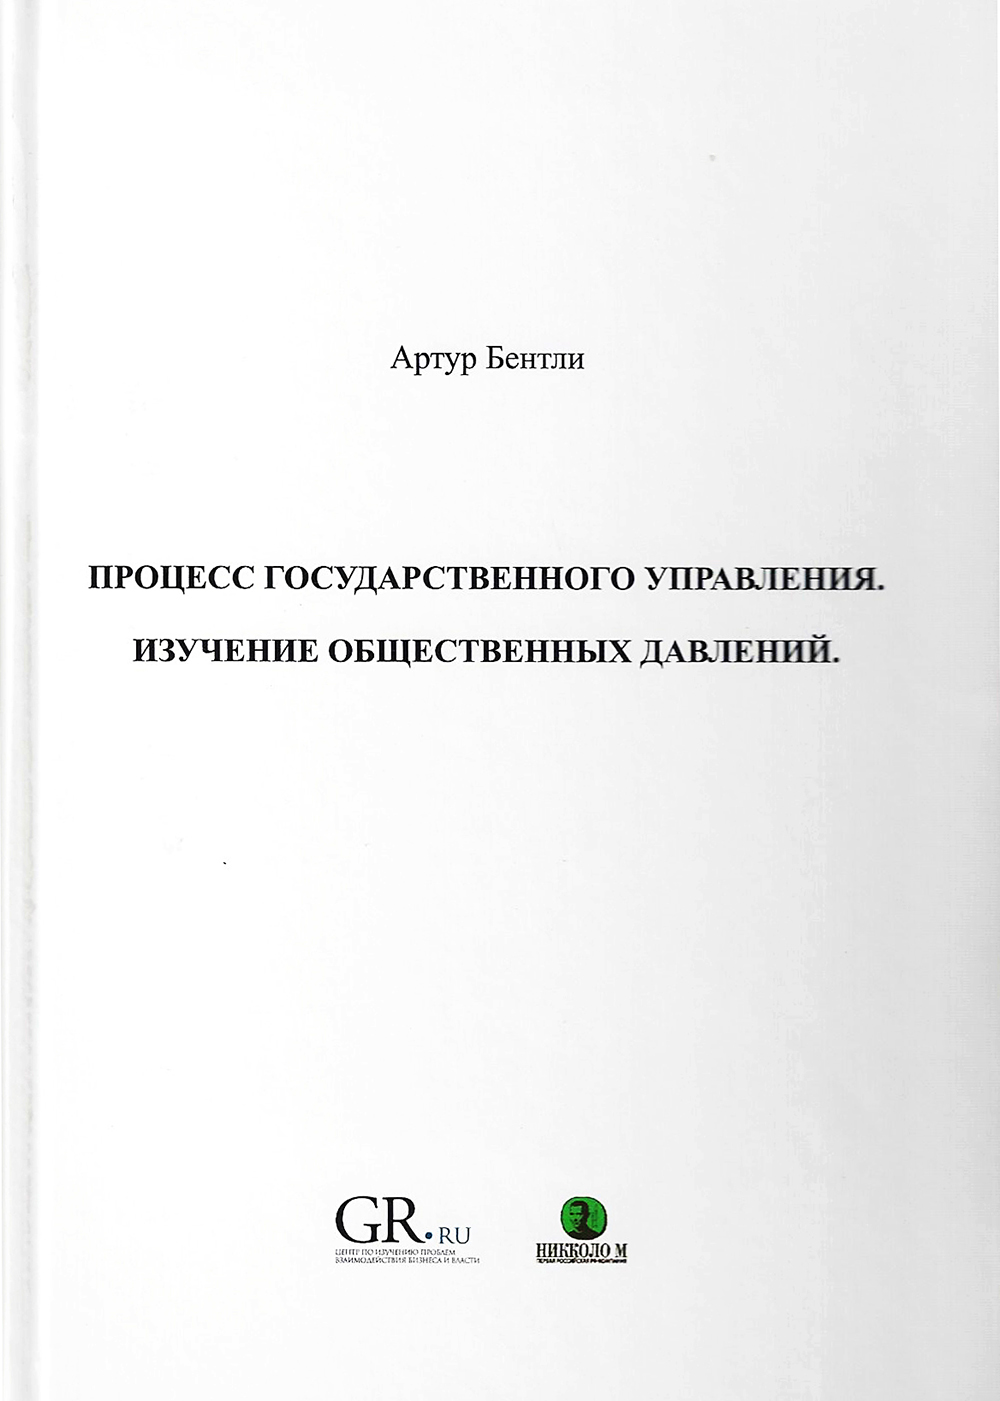 Книги по государственному управлению скачать